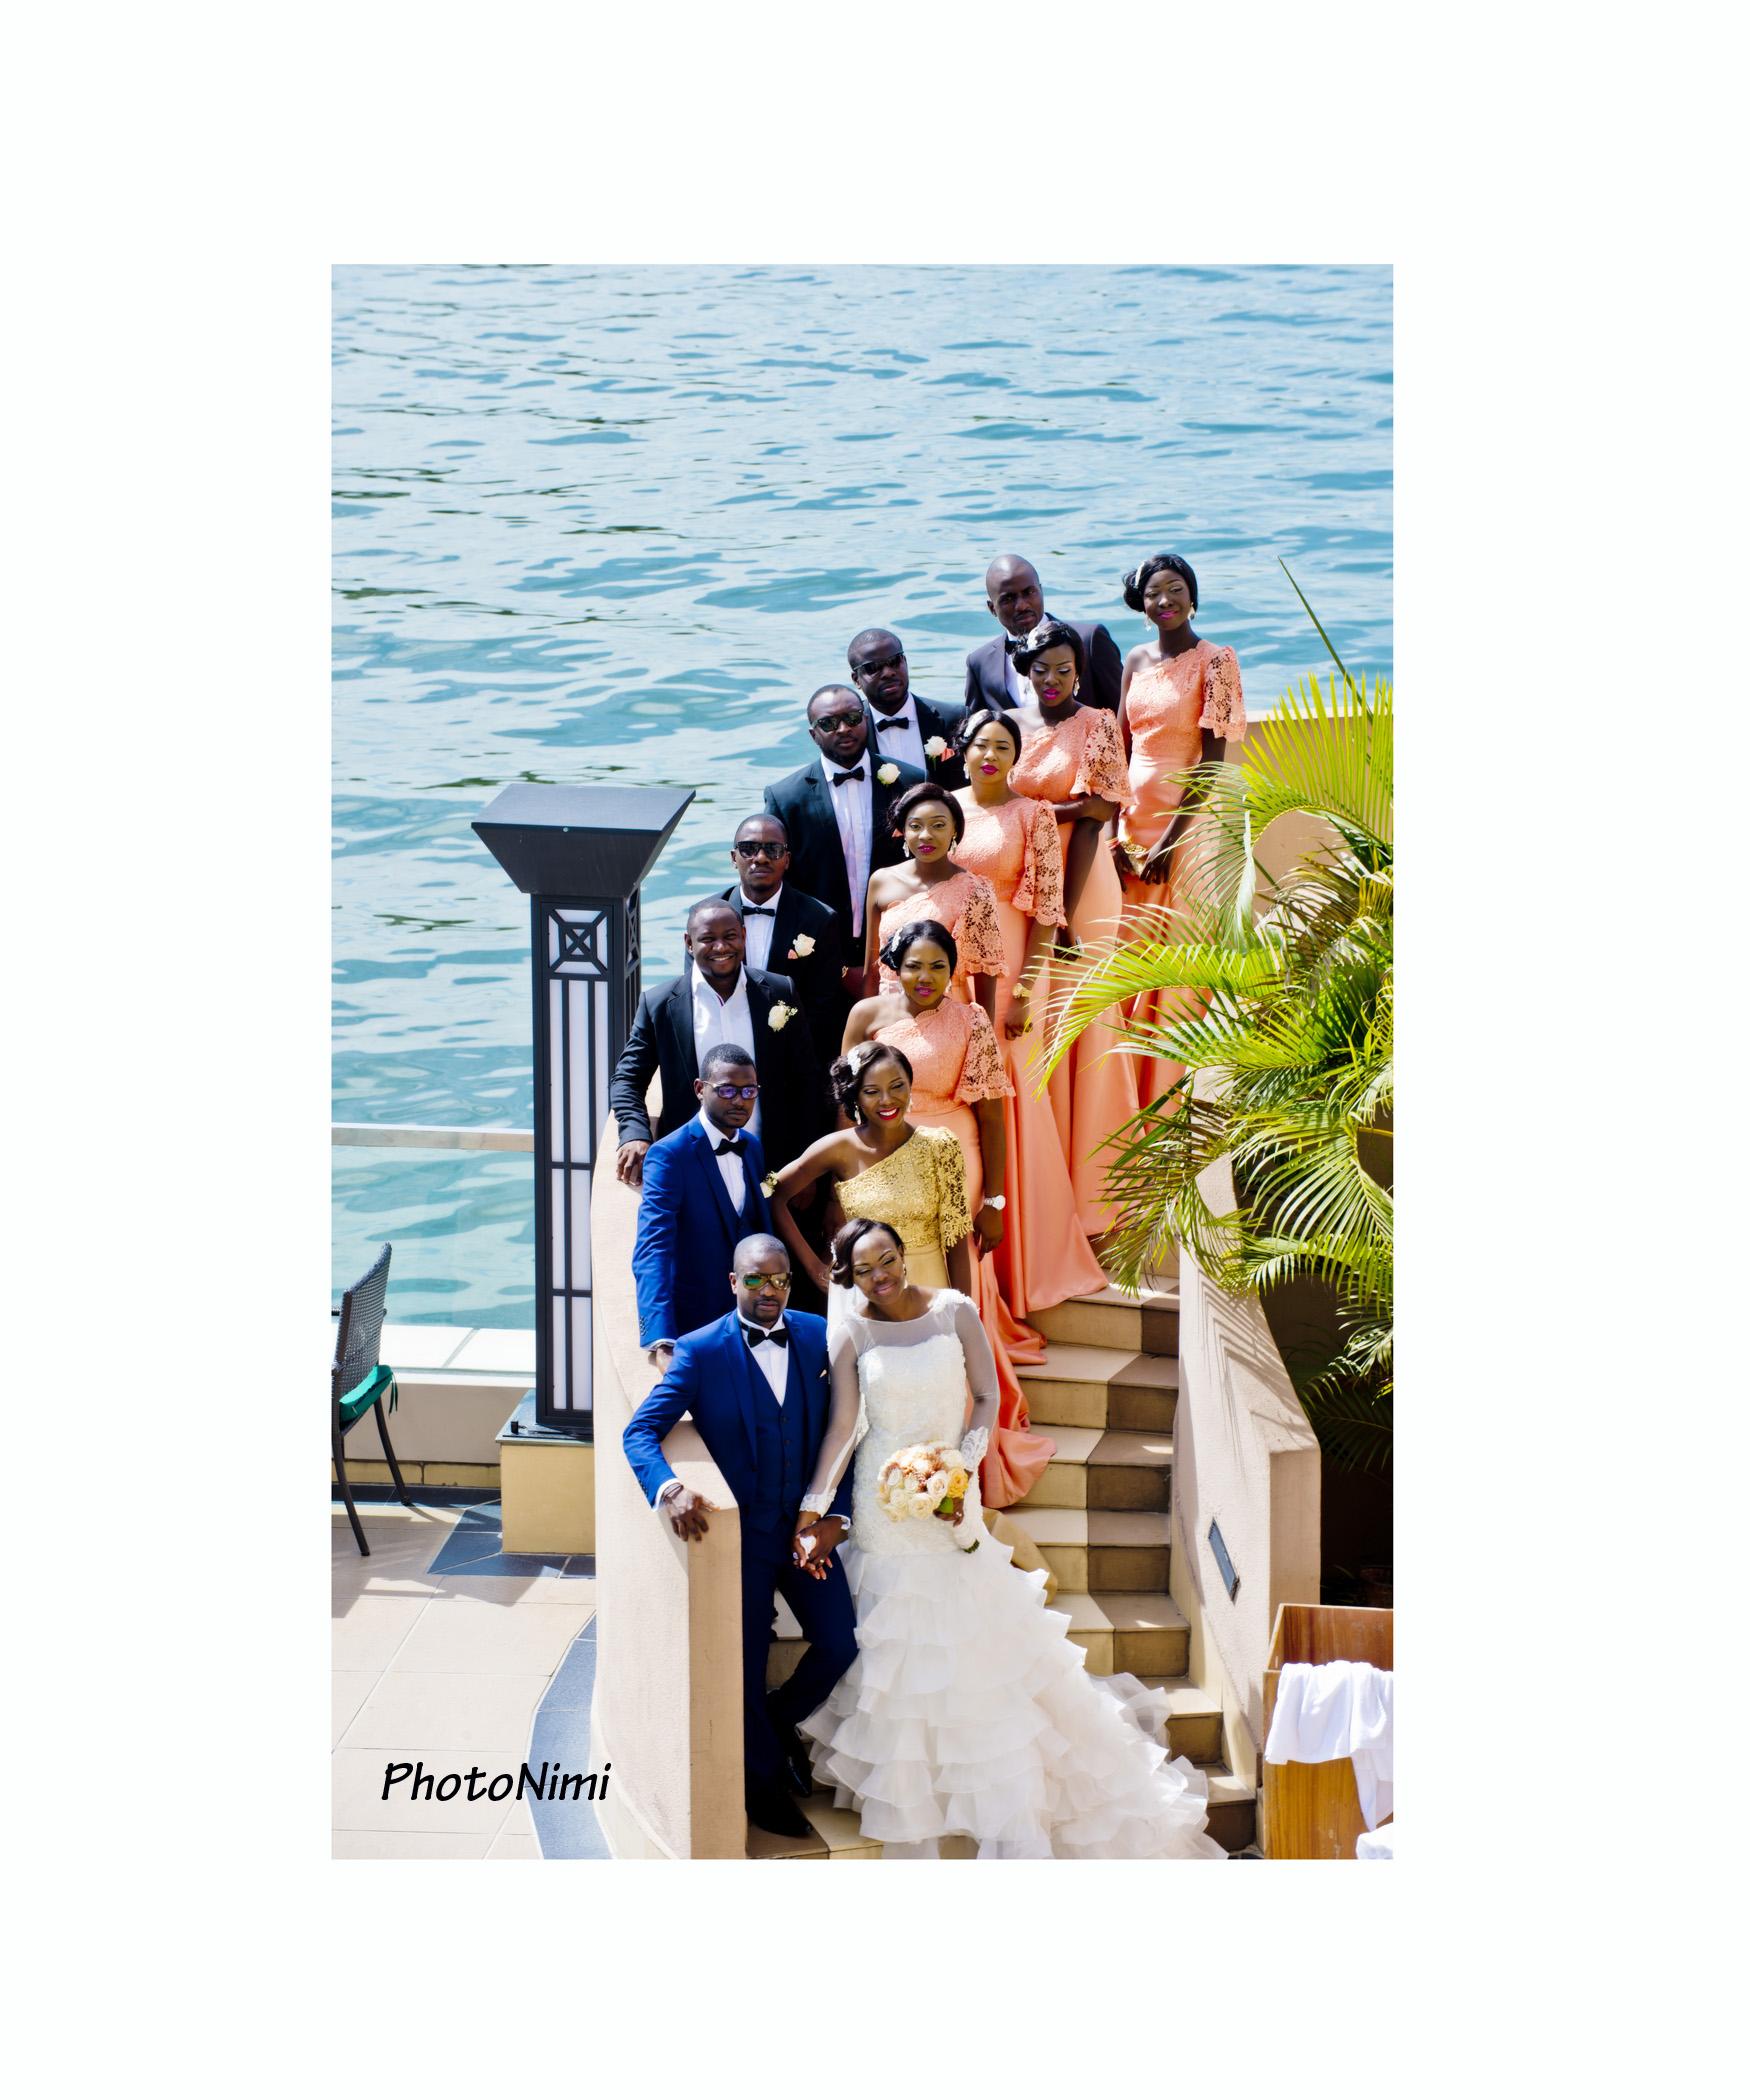 Bridegroom, Bride, Bridesmaid, Groomsmen and Bridal train